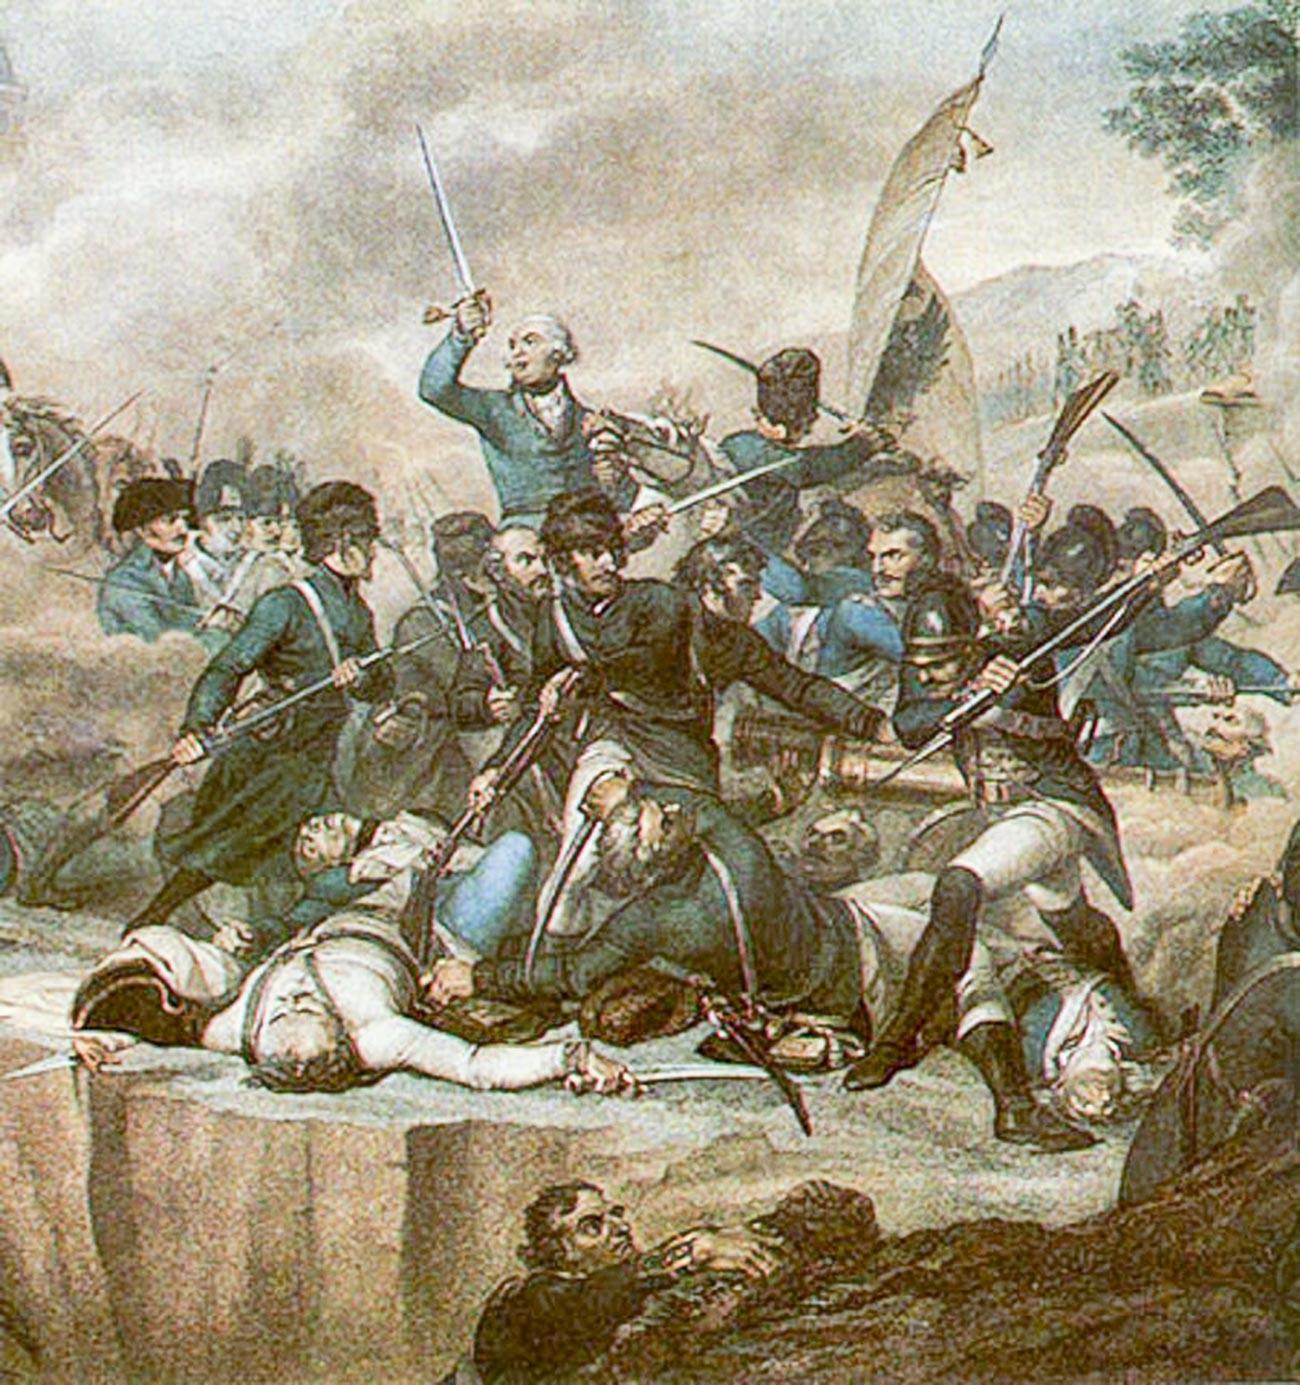 Il generale Suvorov nella battaglia presso il fiume Adda, 27 aprile 1799